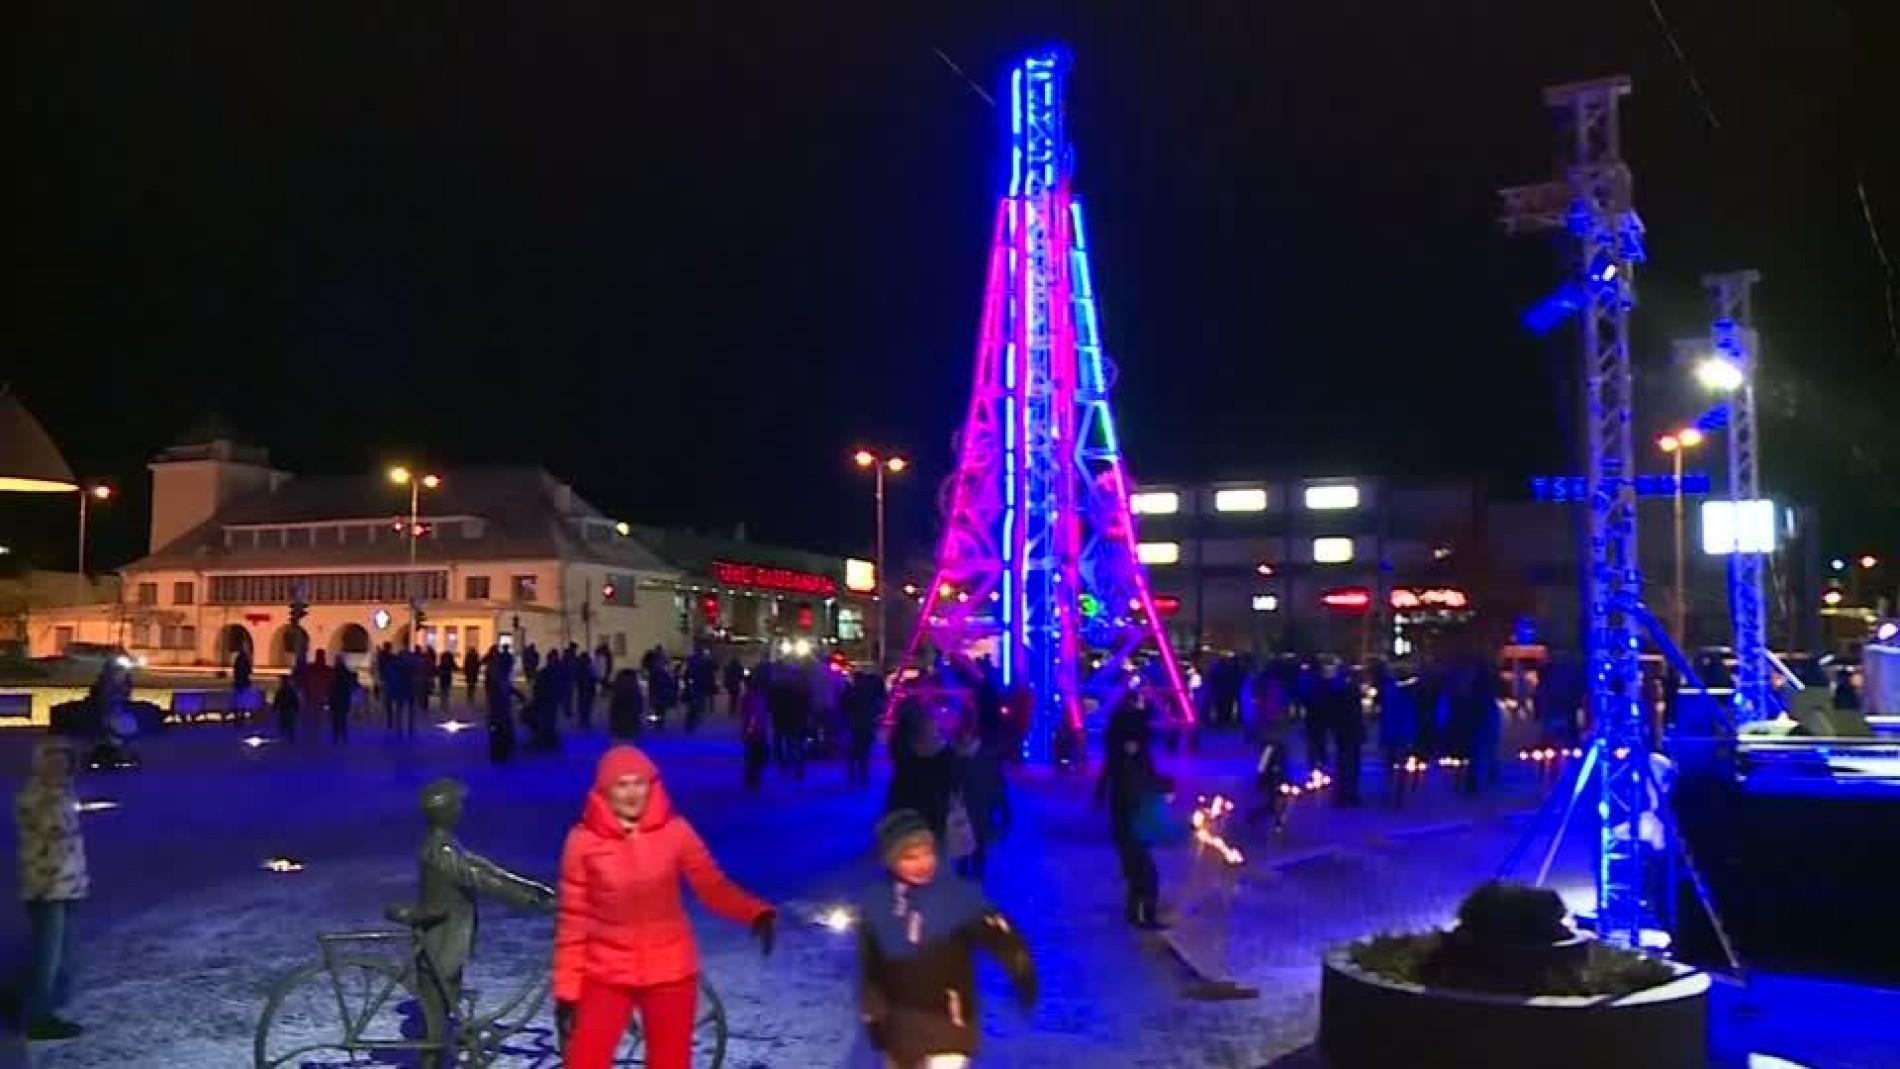 Weihnachtsbaum Fun.Aus Zahnrädern Und Motoren Futuristischer Weihnachtsbaum In Estland